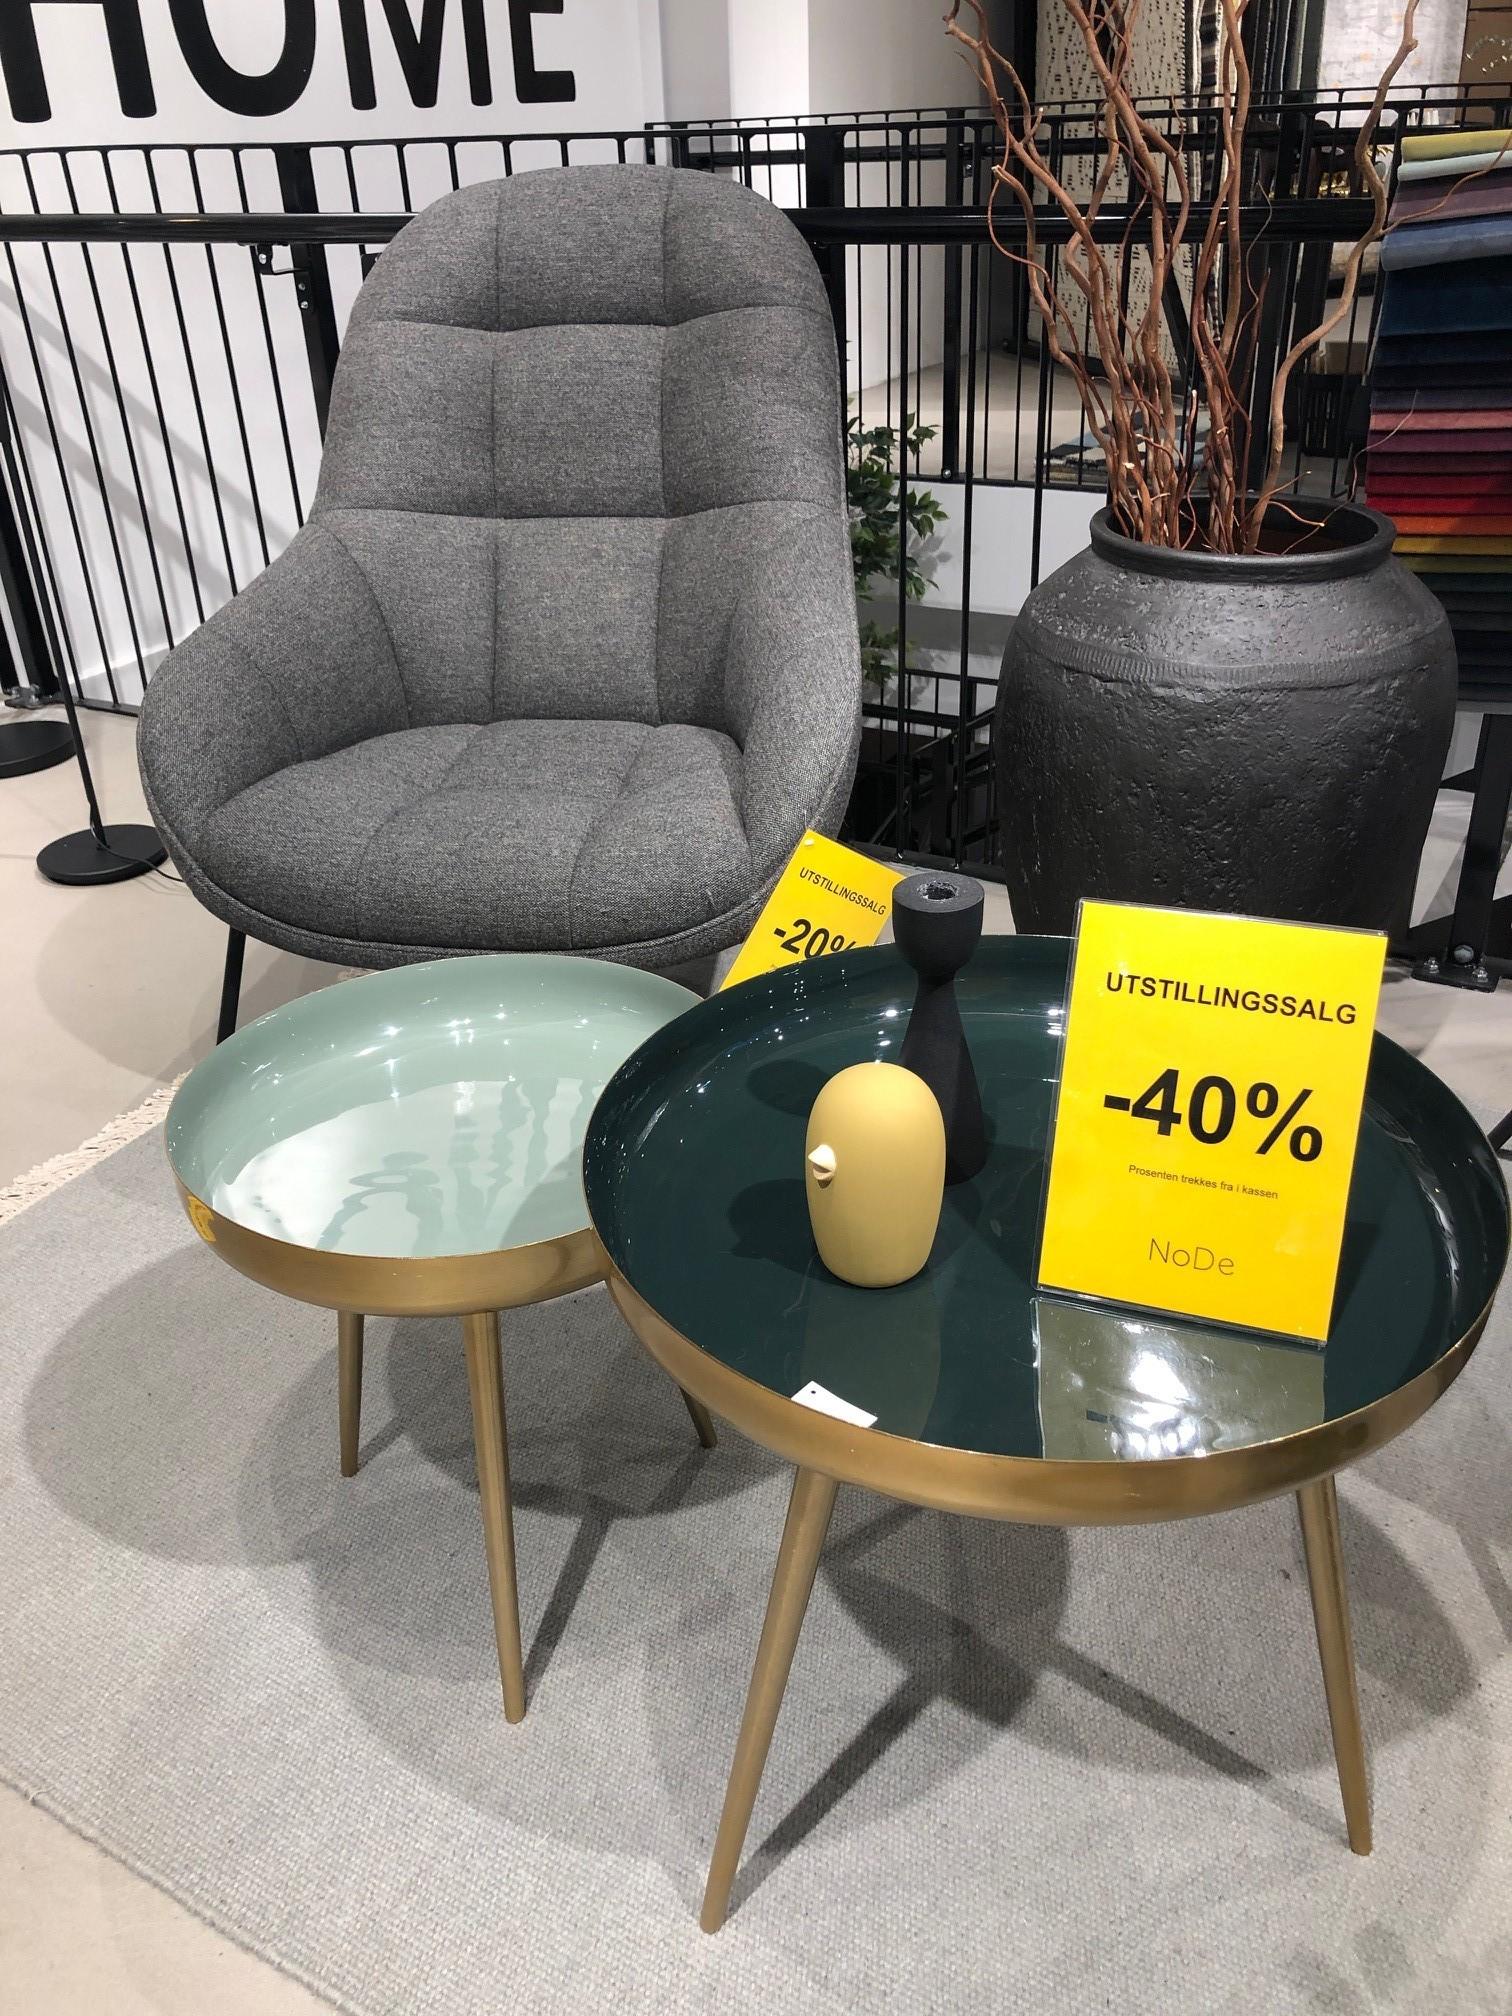 Mango stol -20%. (Bordsett på -40% er solgt)